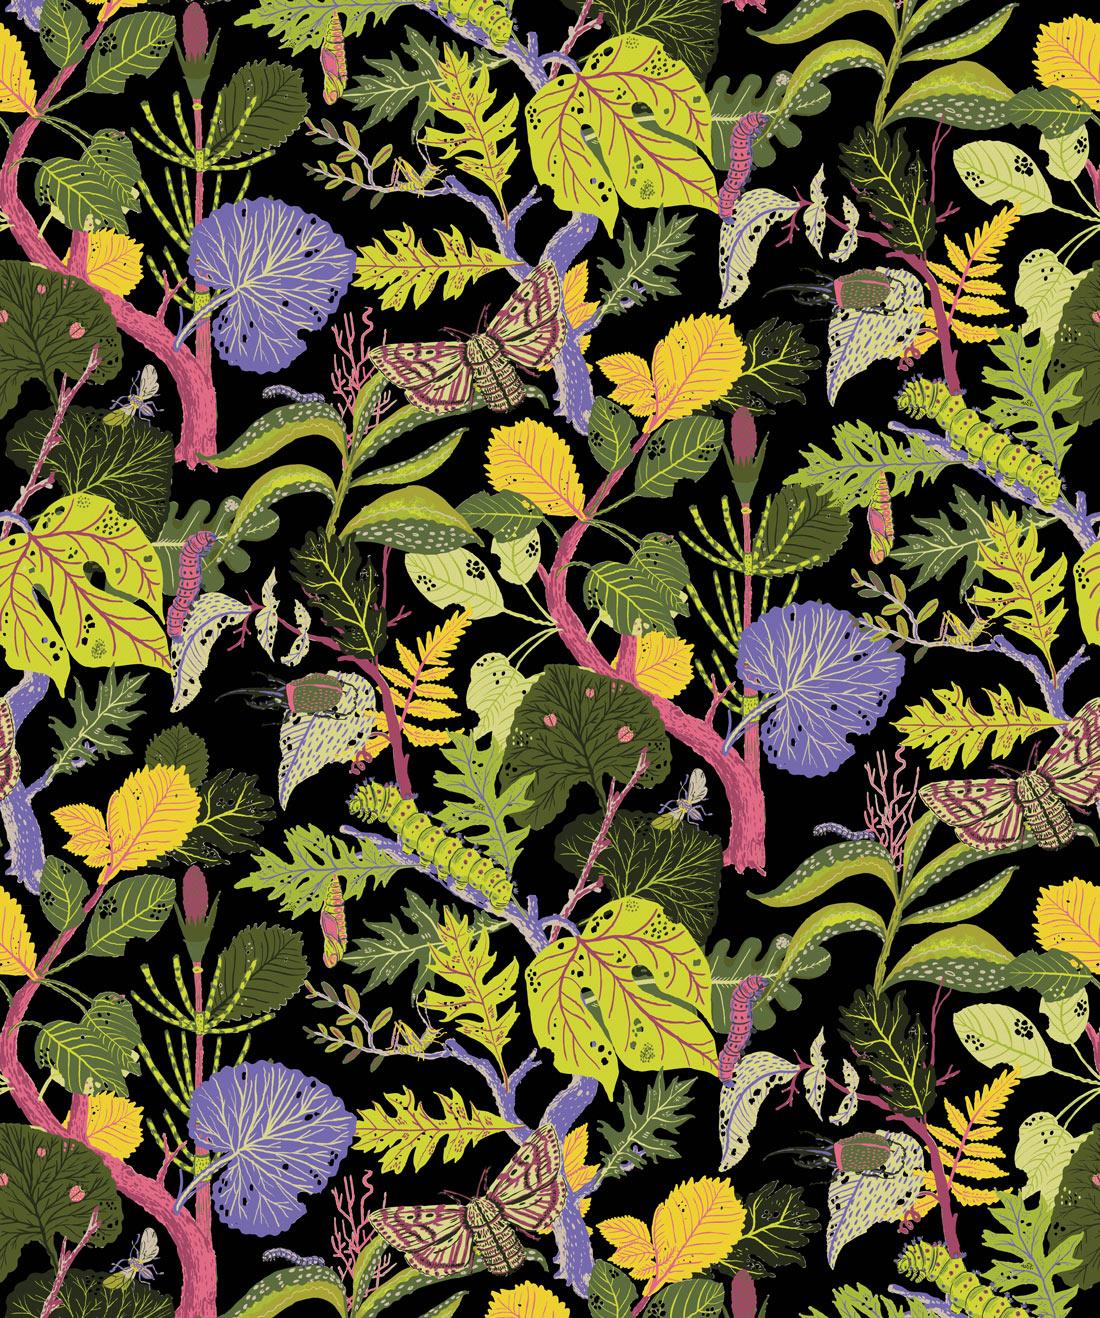 Caterpillar Wallpaper